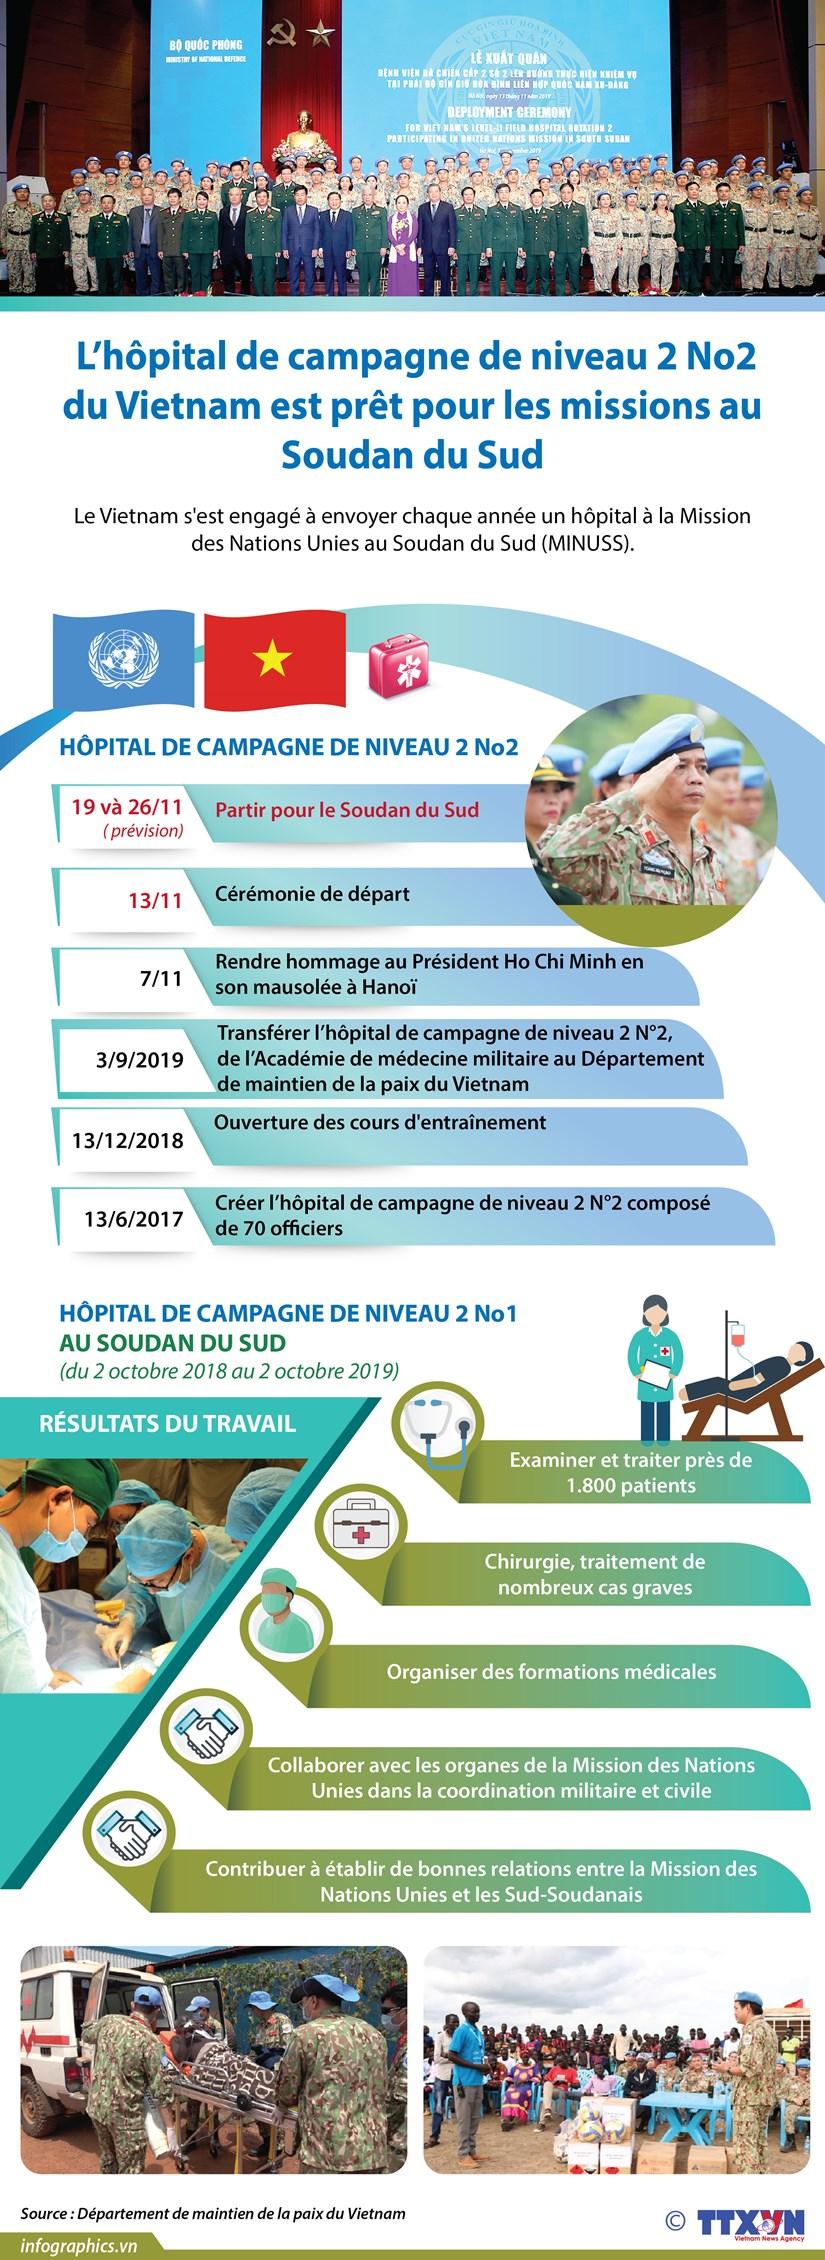 L'hopital de campagne de niveau 2 No2 du Vietnam est pret pour les missions au Soudan du Sud hinh anh 1